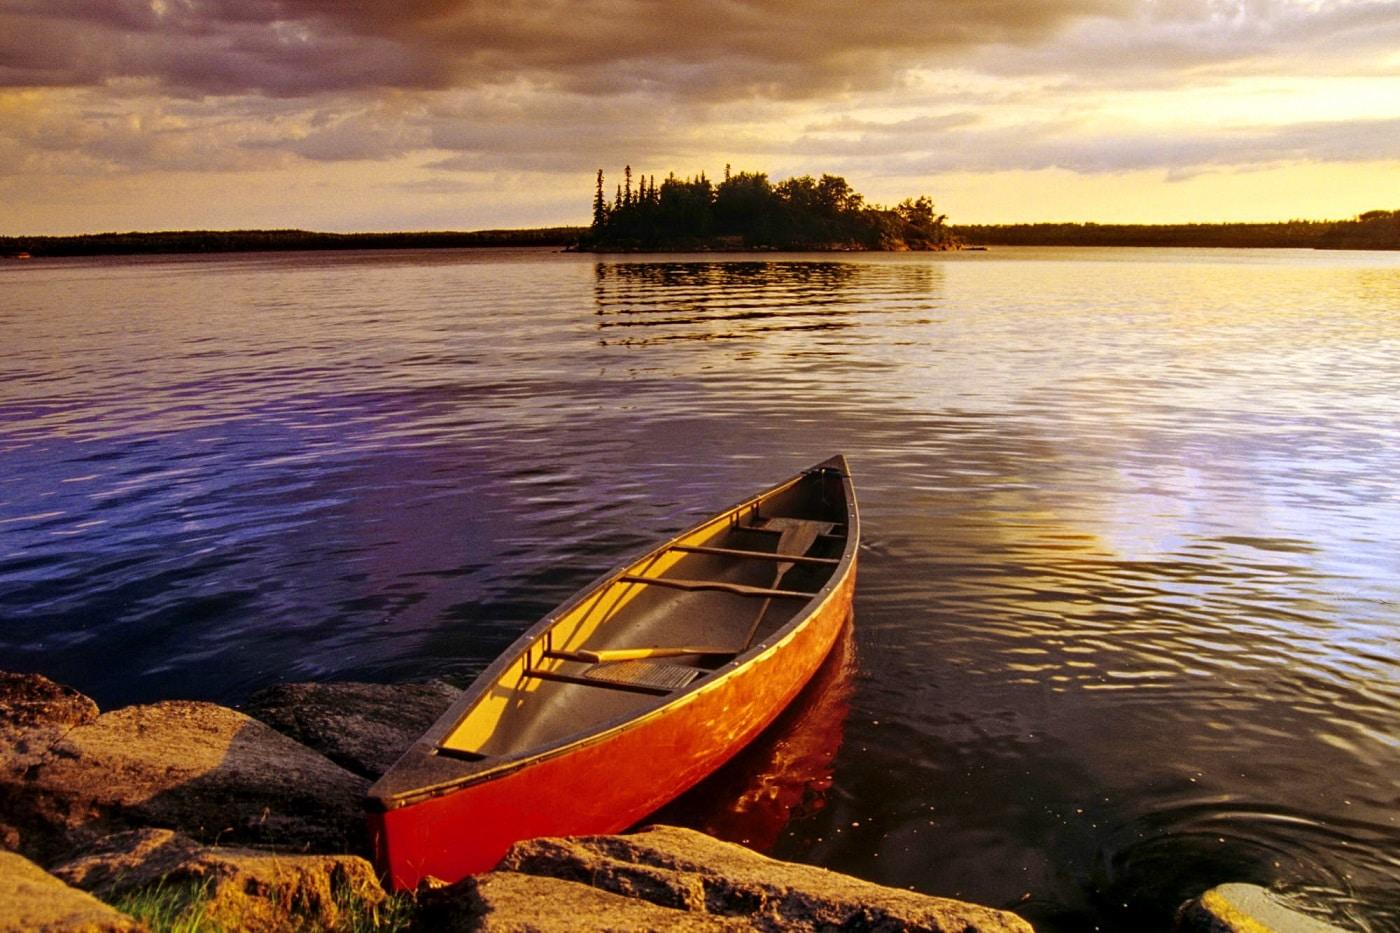 Bărcuțele de pe lac sunt oricând pregătite pentru o plimbare